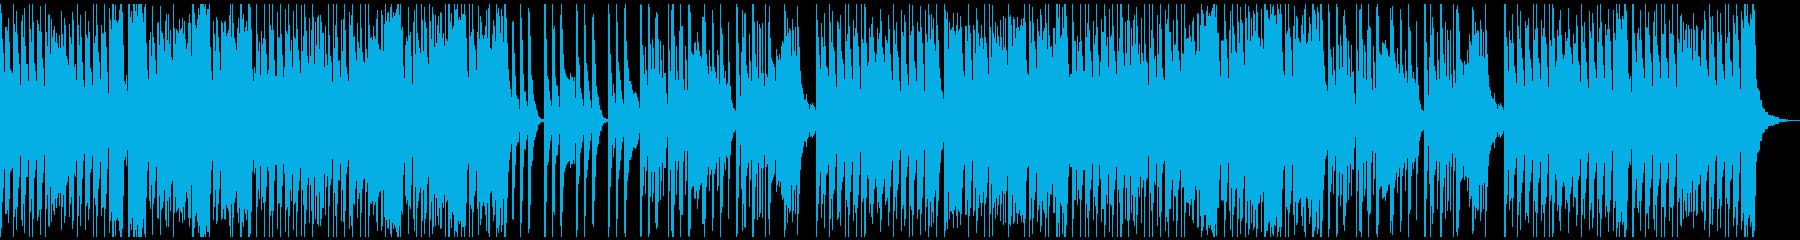 不思議な雰囲気を放つコミカルBGMの再生済みの波形